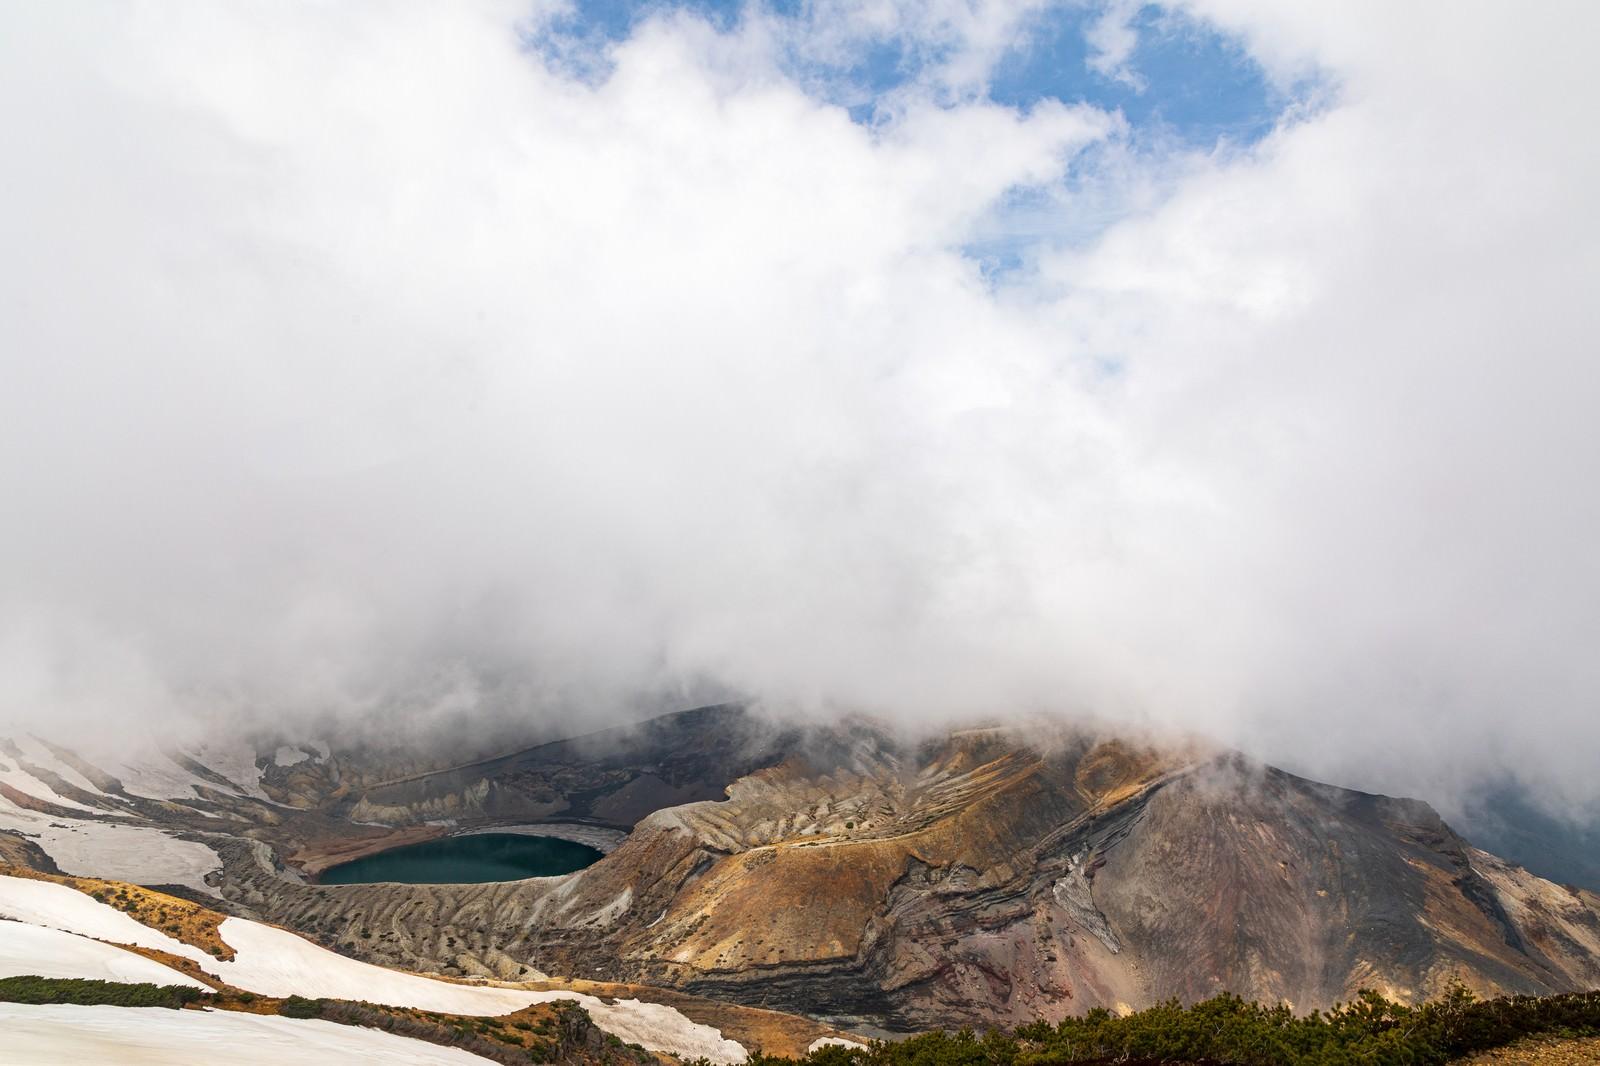 「雲湧き立つカルデラ湖 | 写真の無料素材・フリー素材 - ぱくたそ」の写真